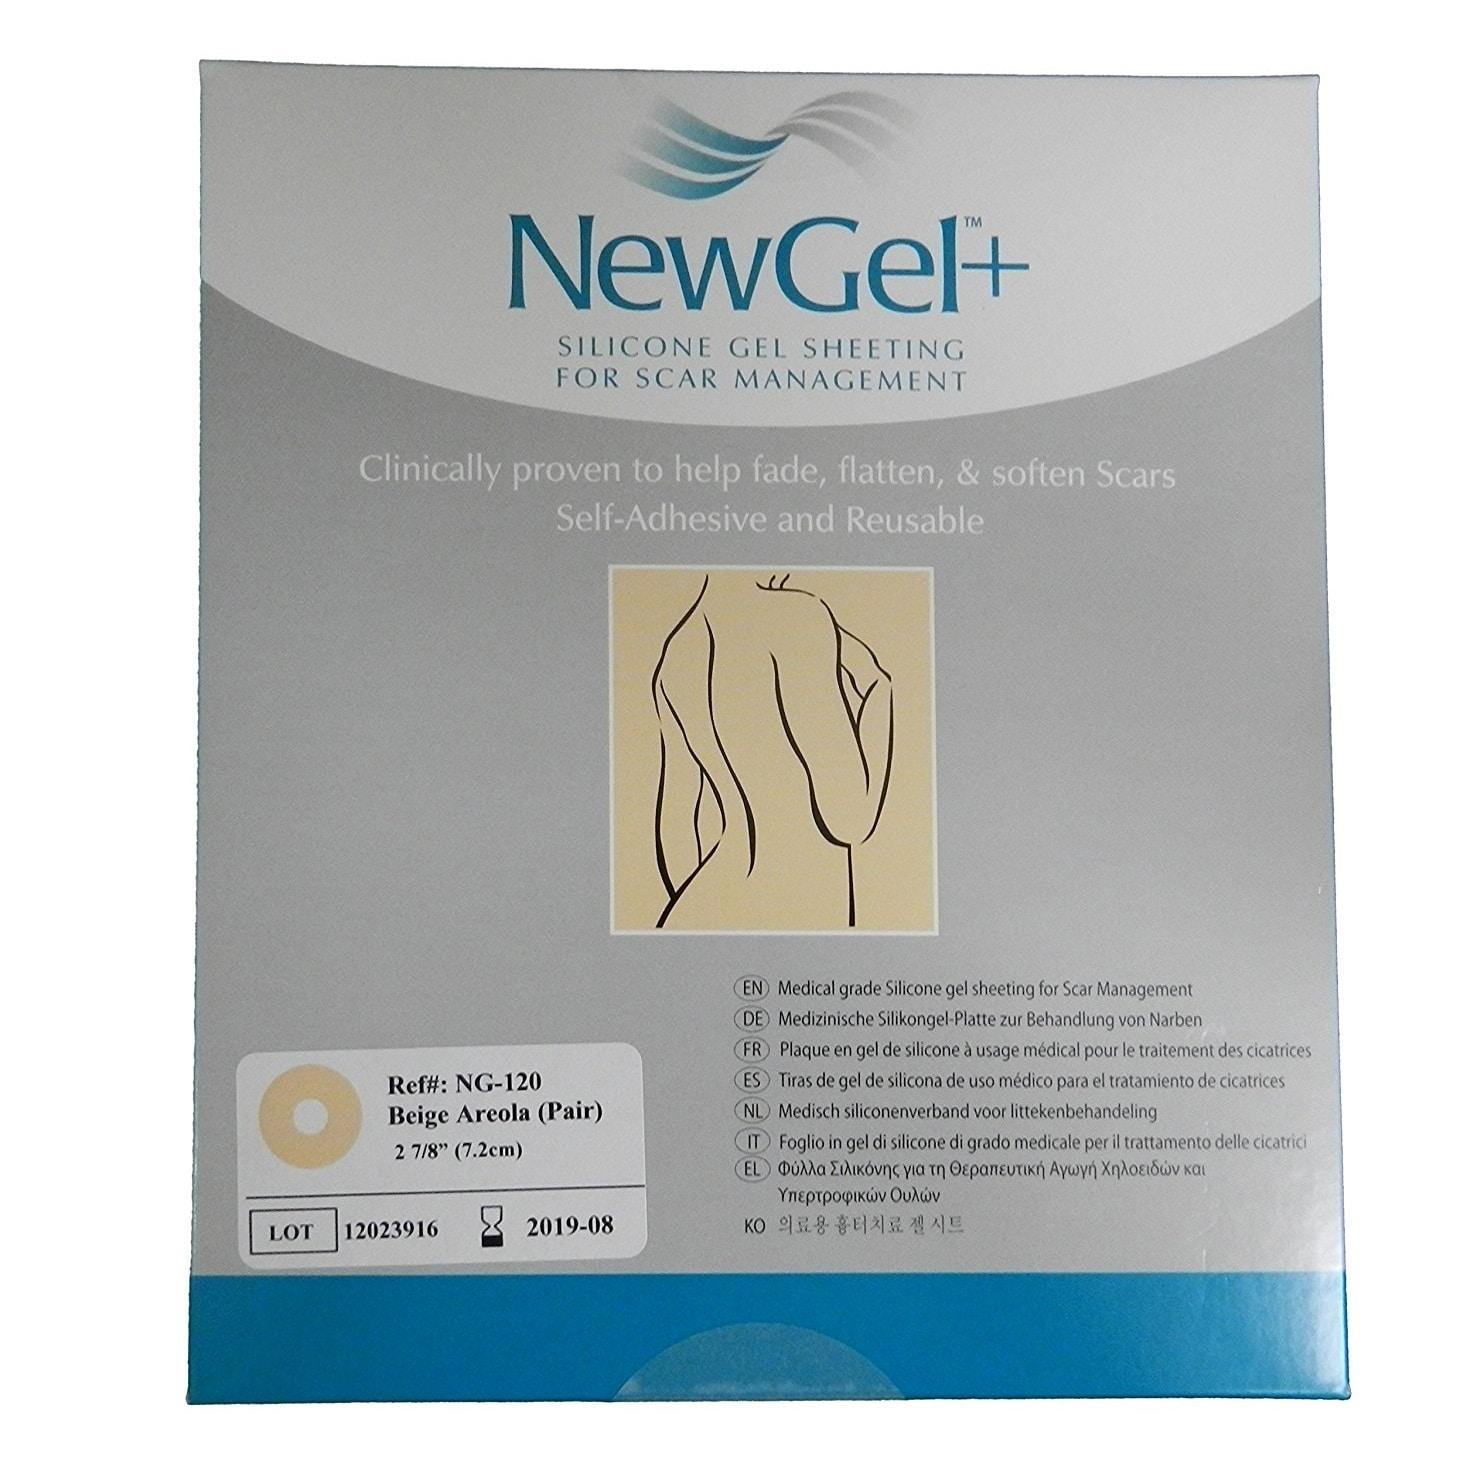 NewGel+ Silicone Gel Areola Beige Sheeting for Scar Manag...